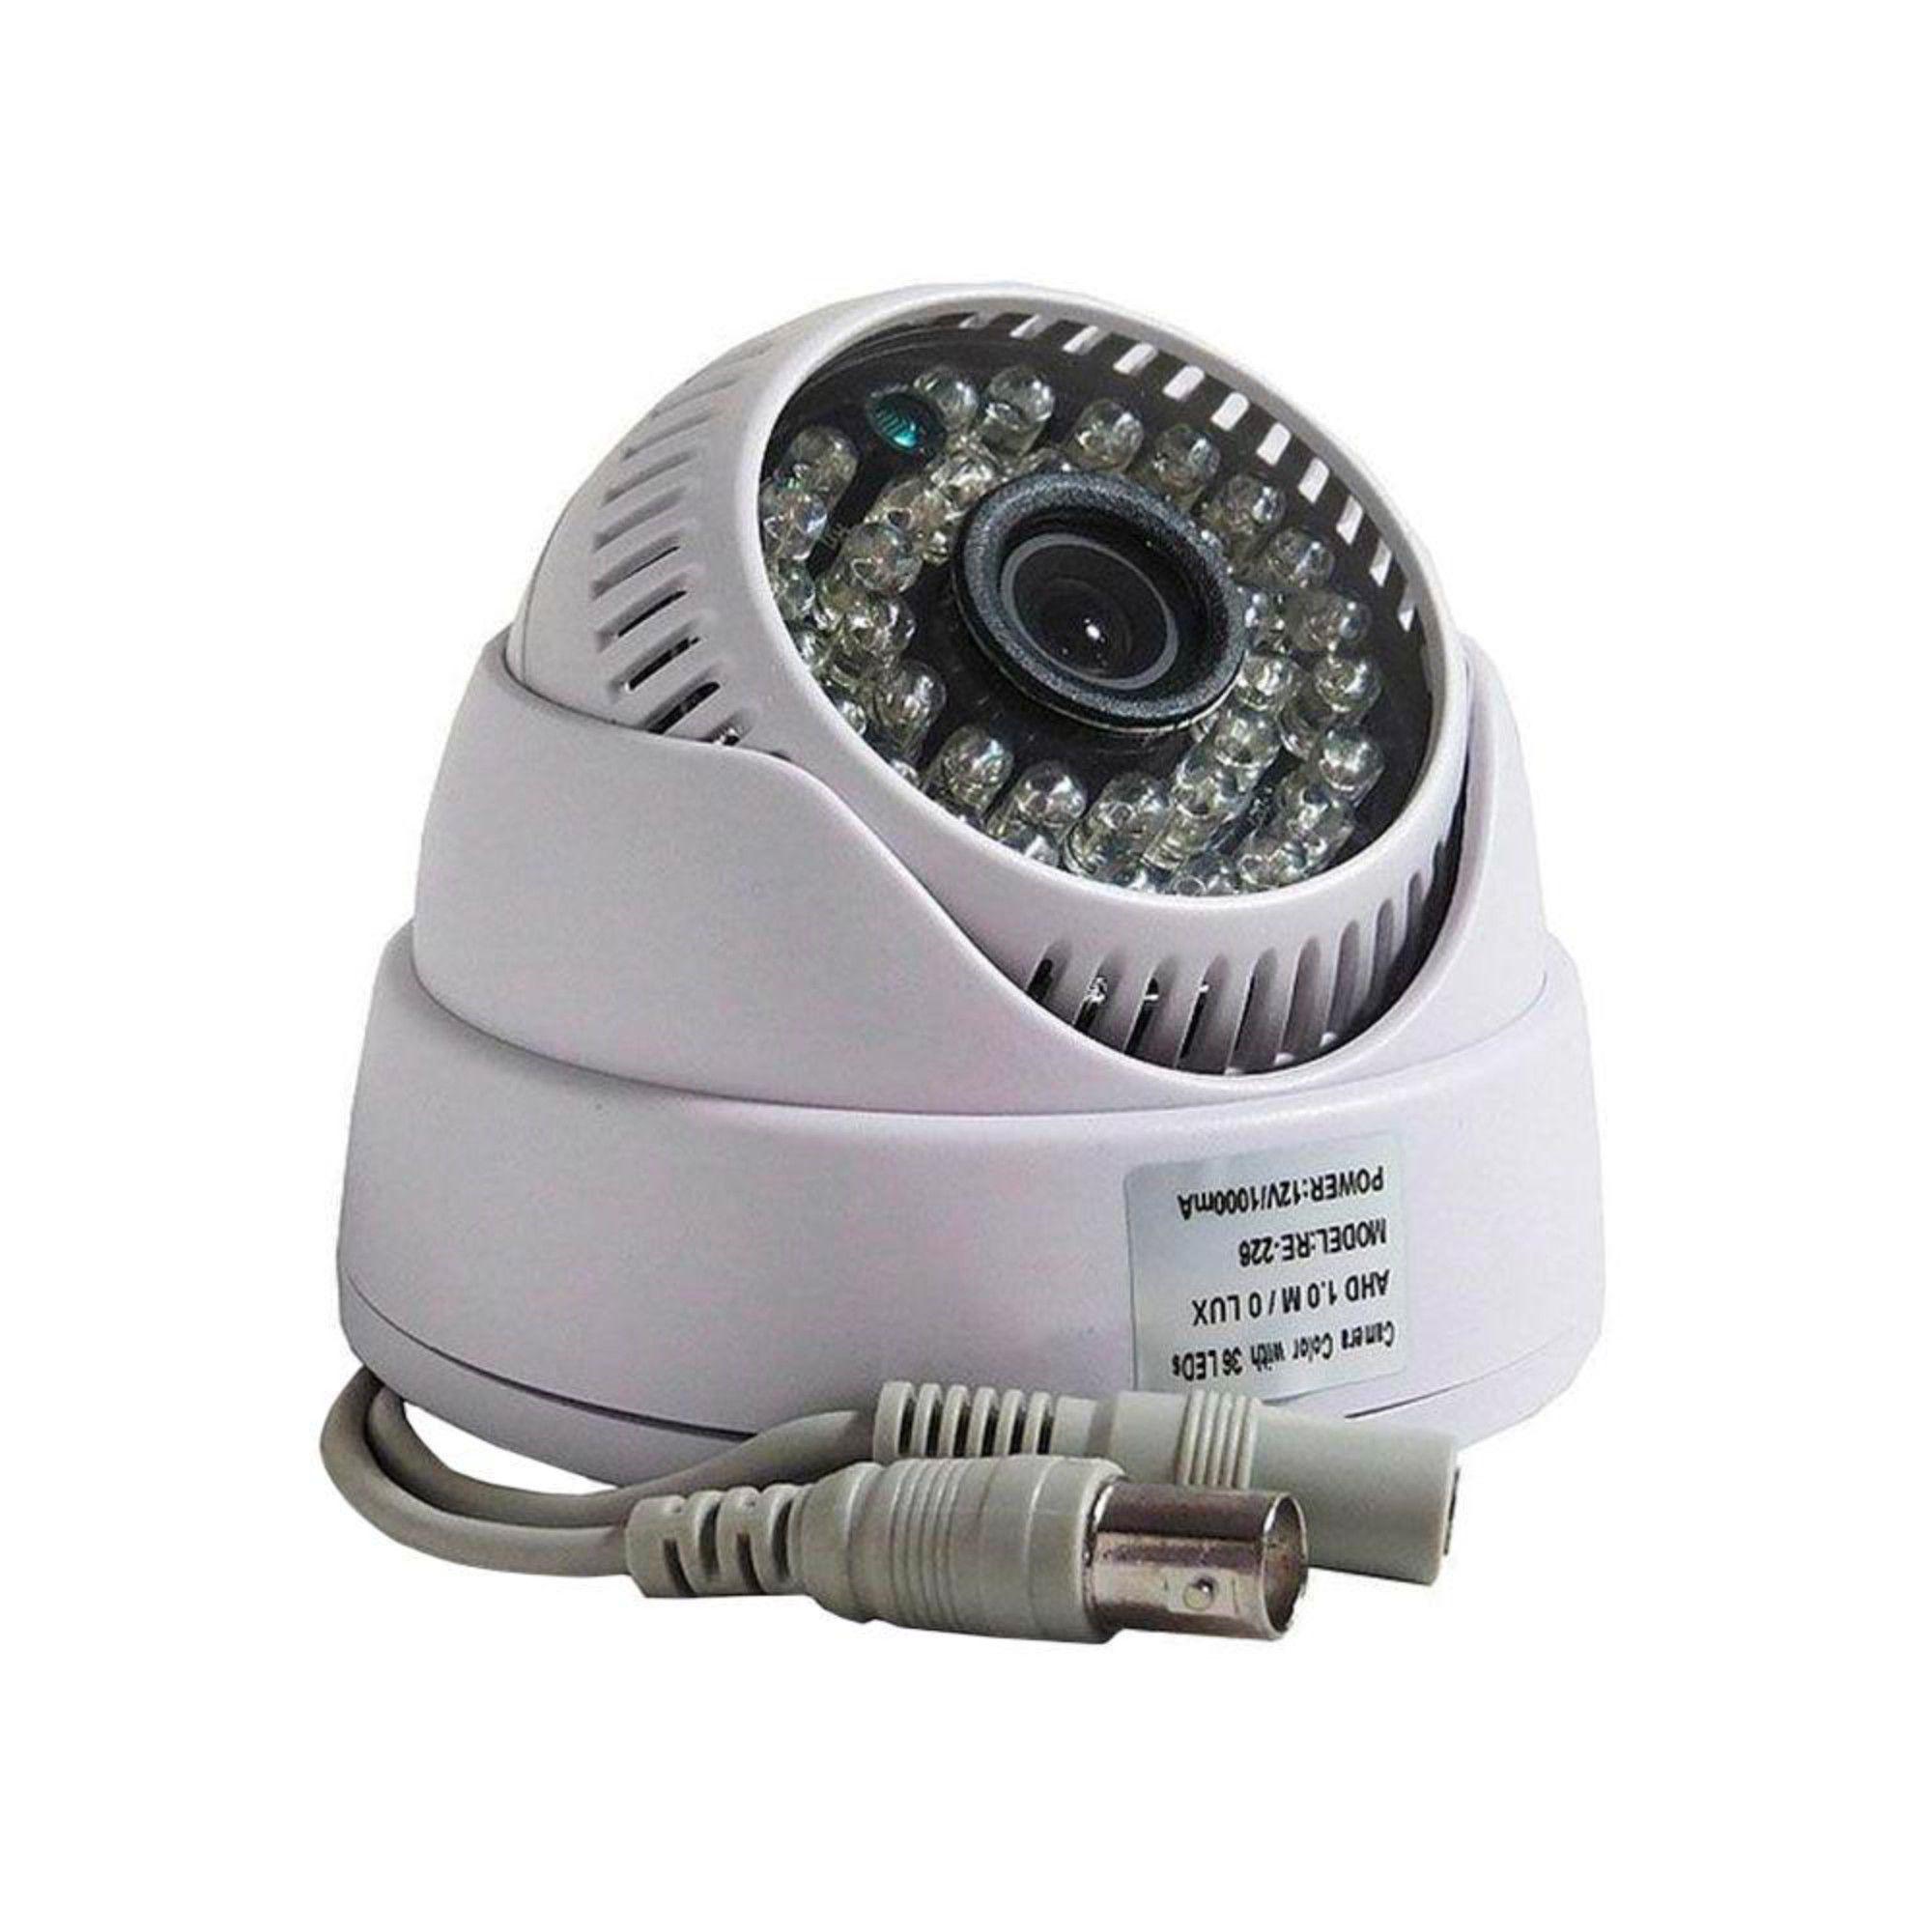 Câmera Infra Dome AHD 720p 3.6mm Jortan